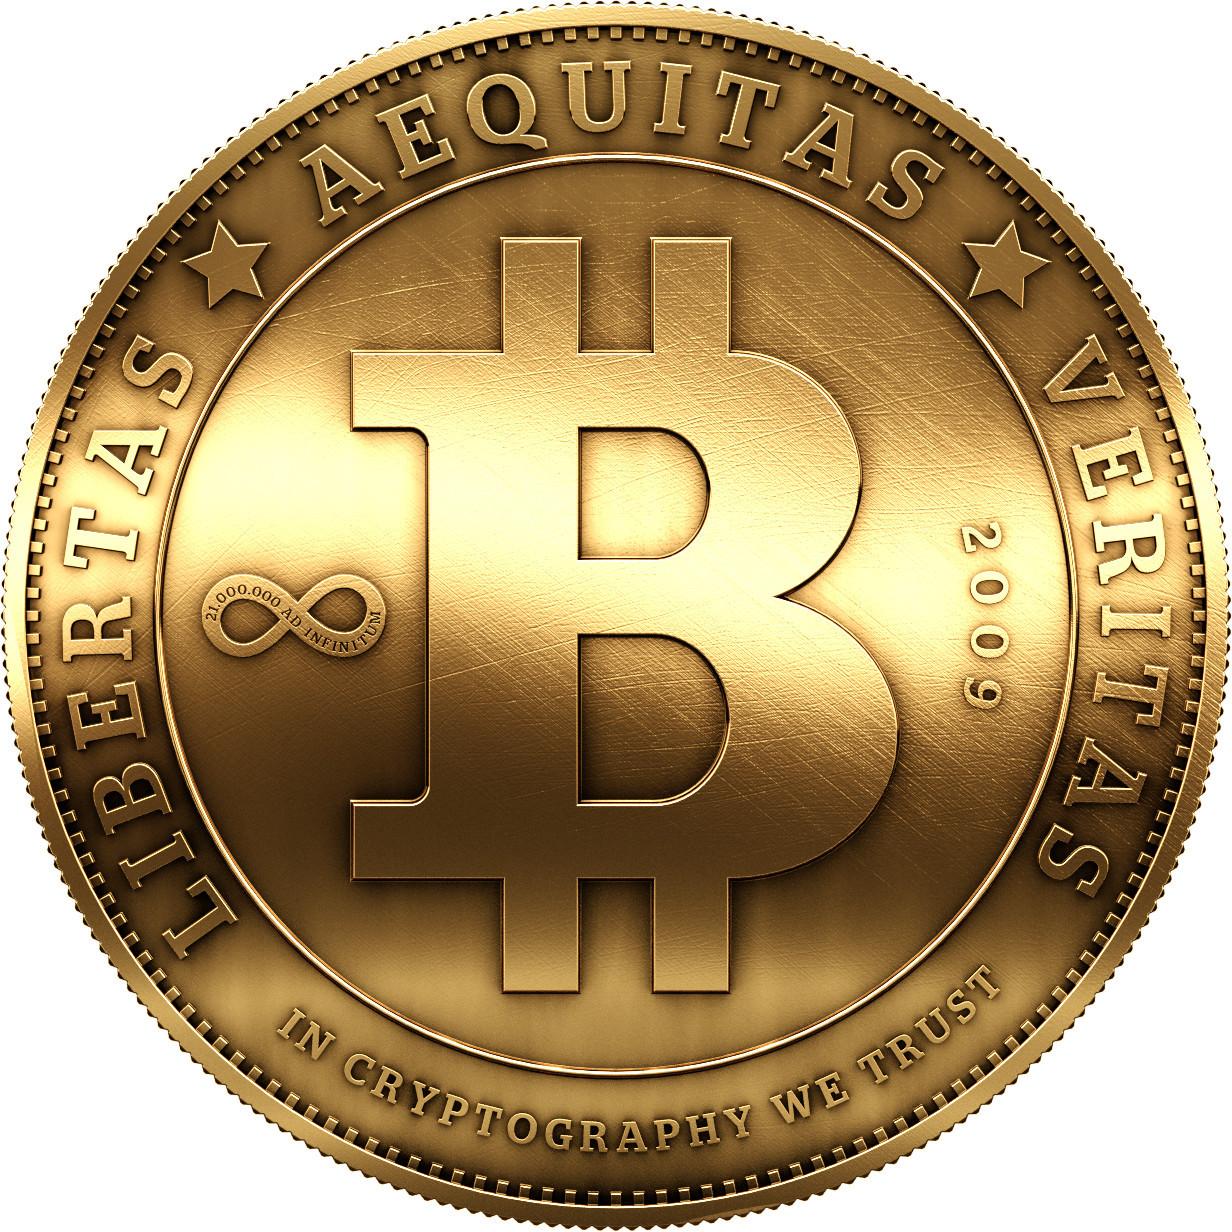 come il commercio cme bitcoin più veloce hardware di data mining bitcoin